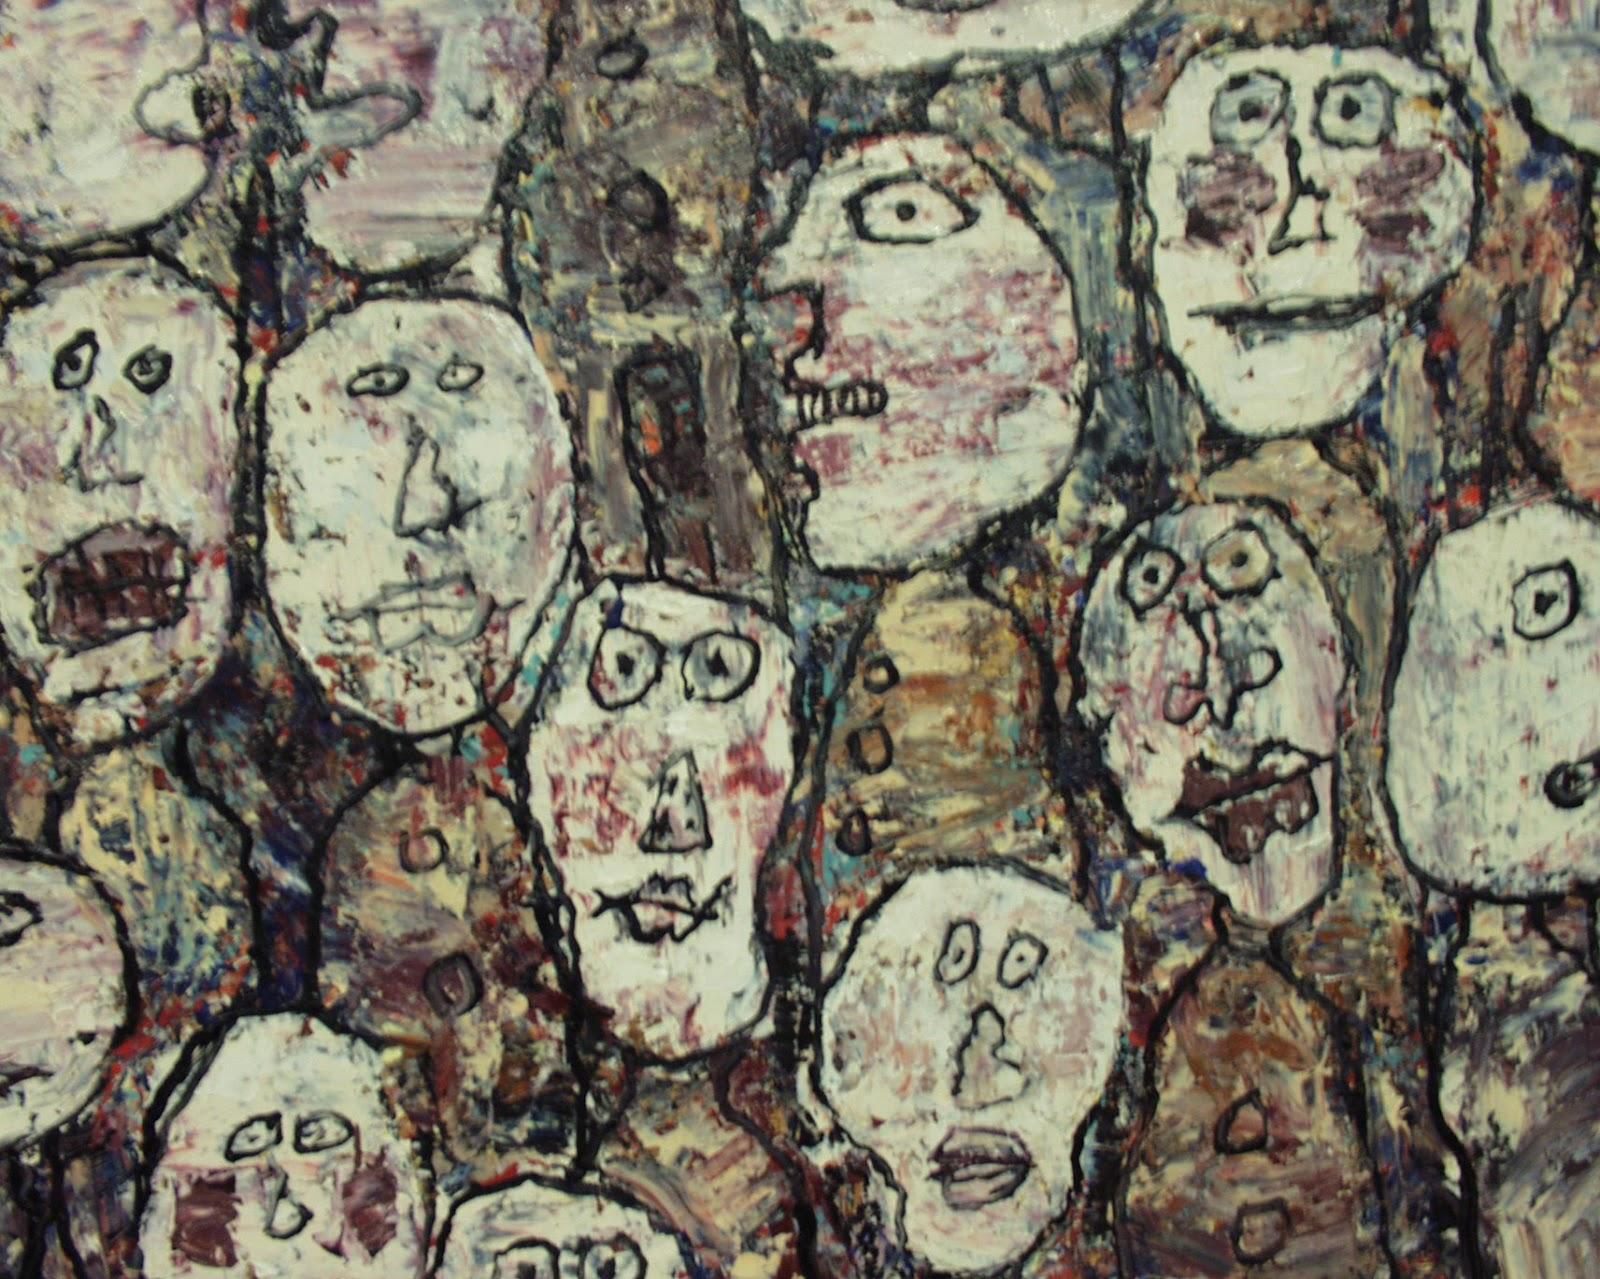 Foyer De L Art Brut : Modern expressionisme kunstgeschiedenis